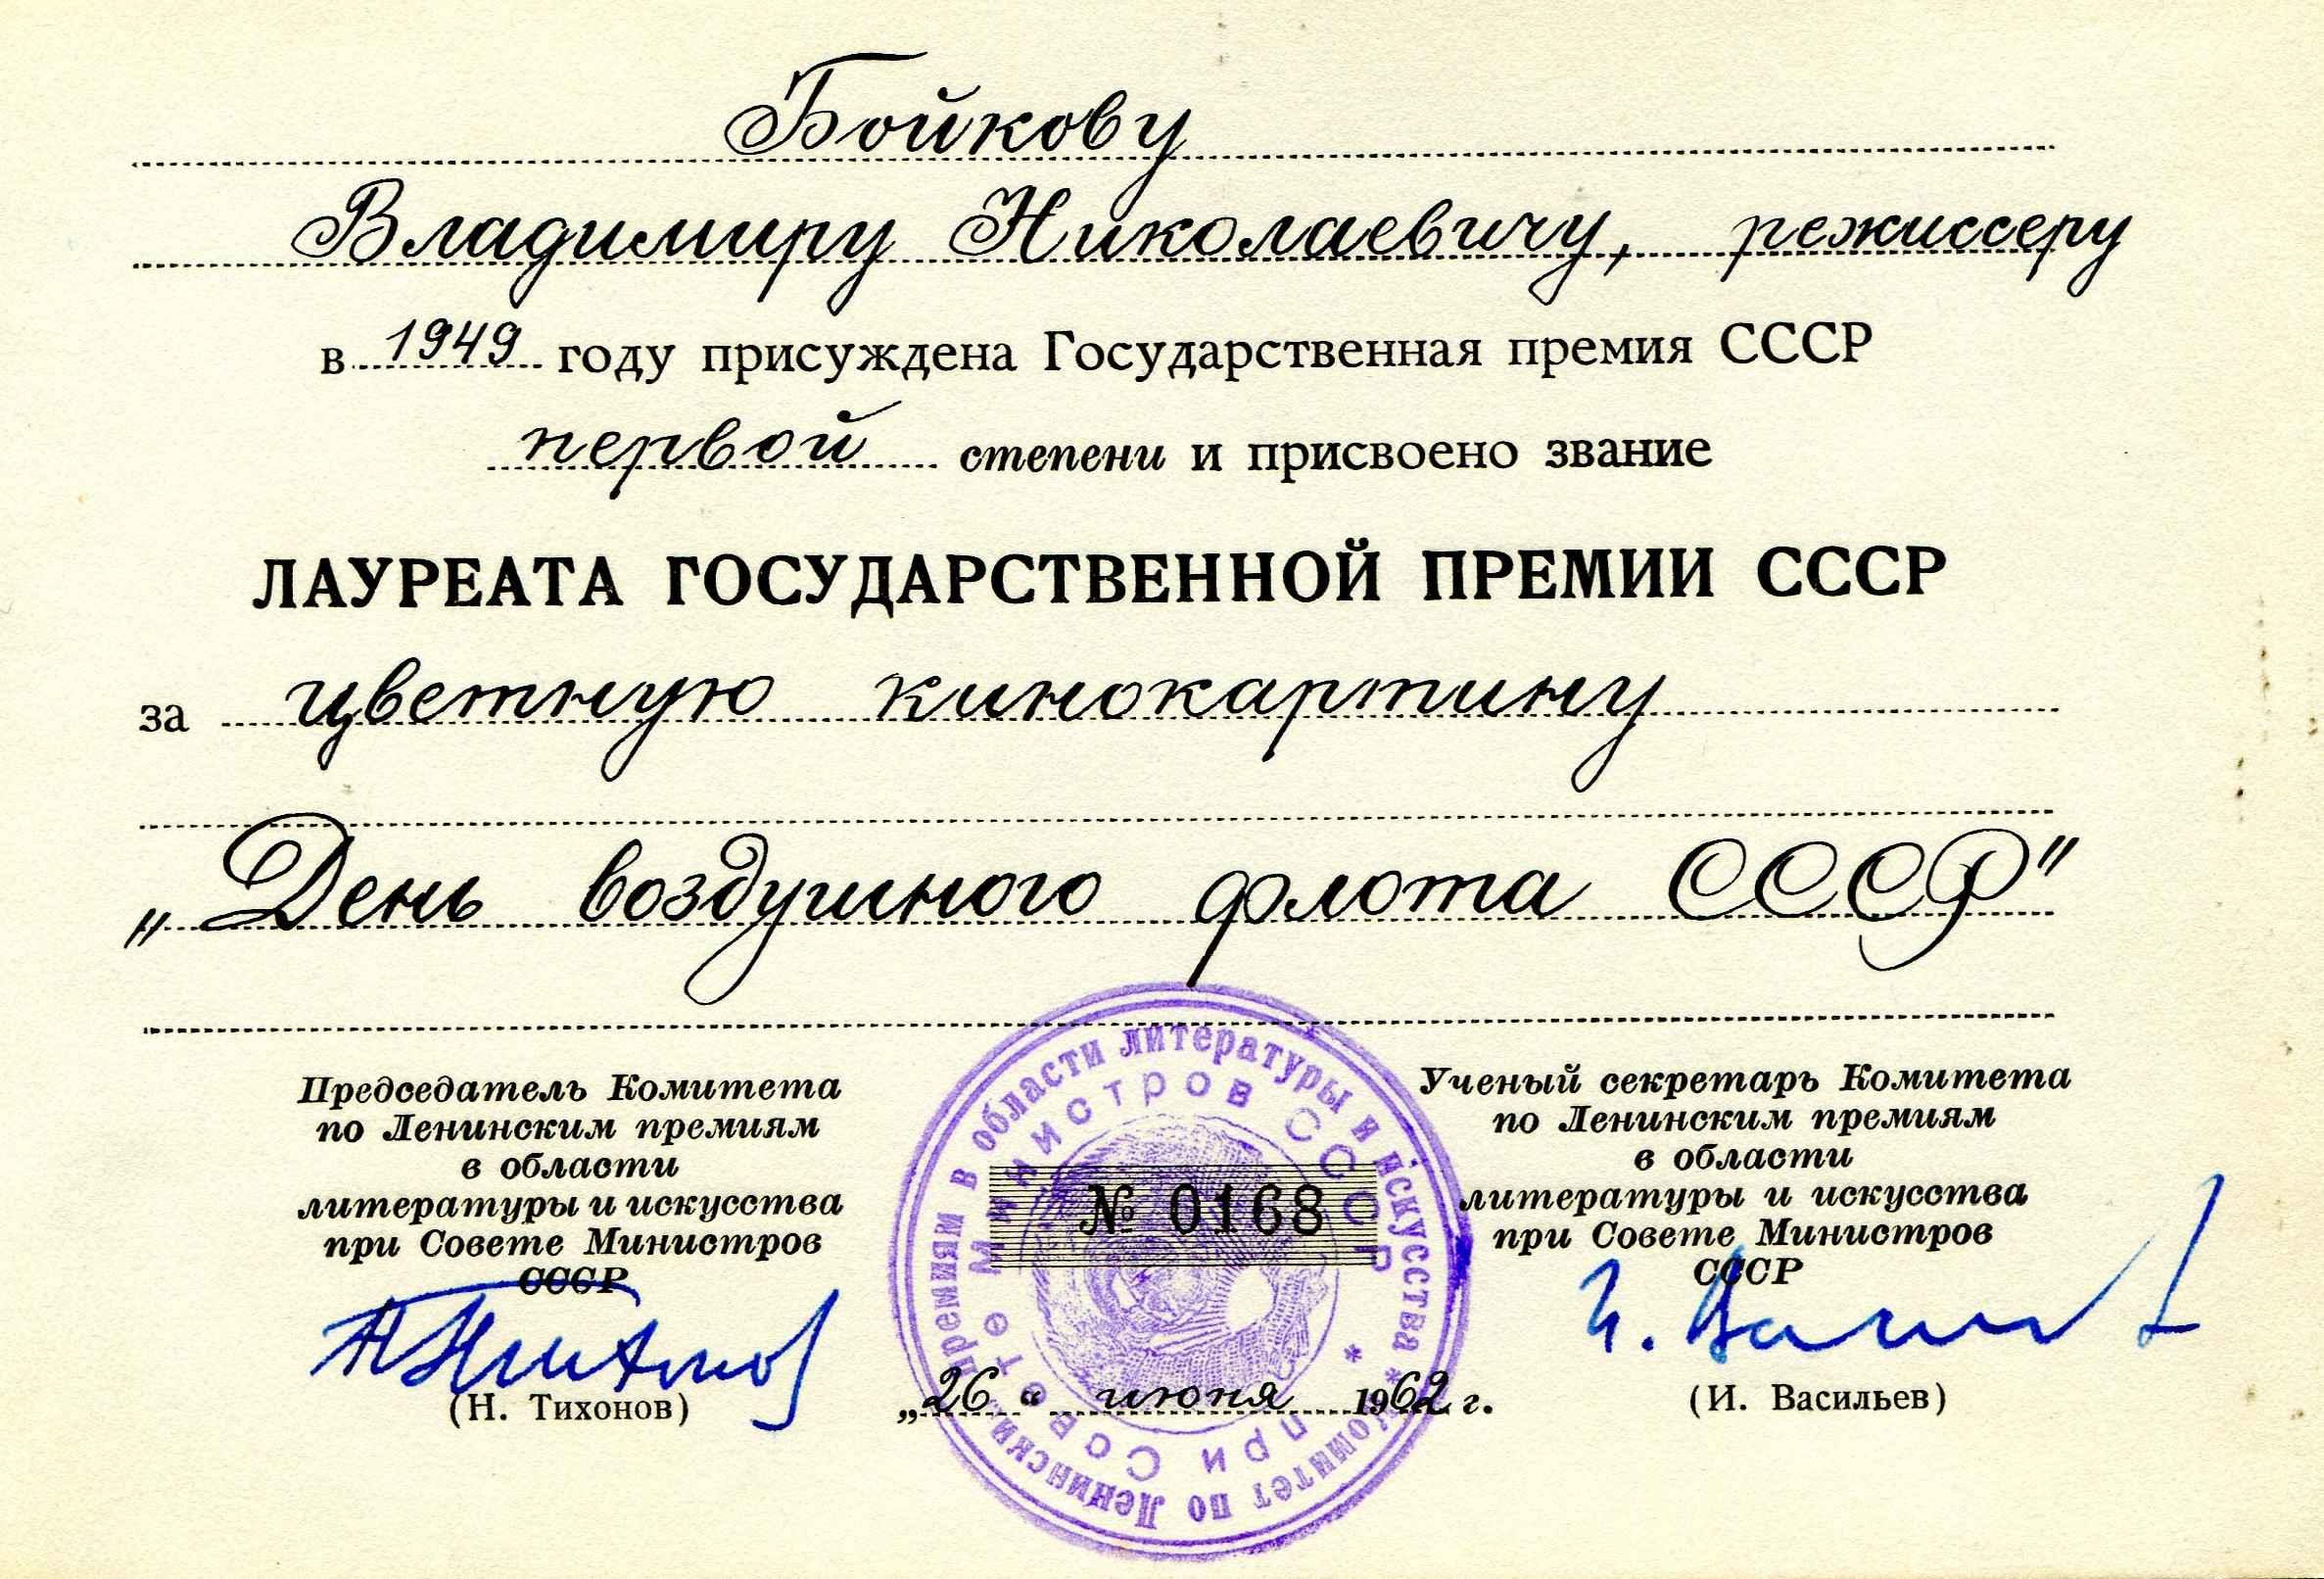 Экспонат #42. Сталинская (Государственная) премия (1949)